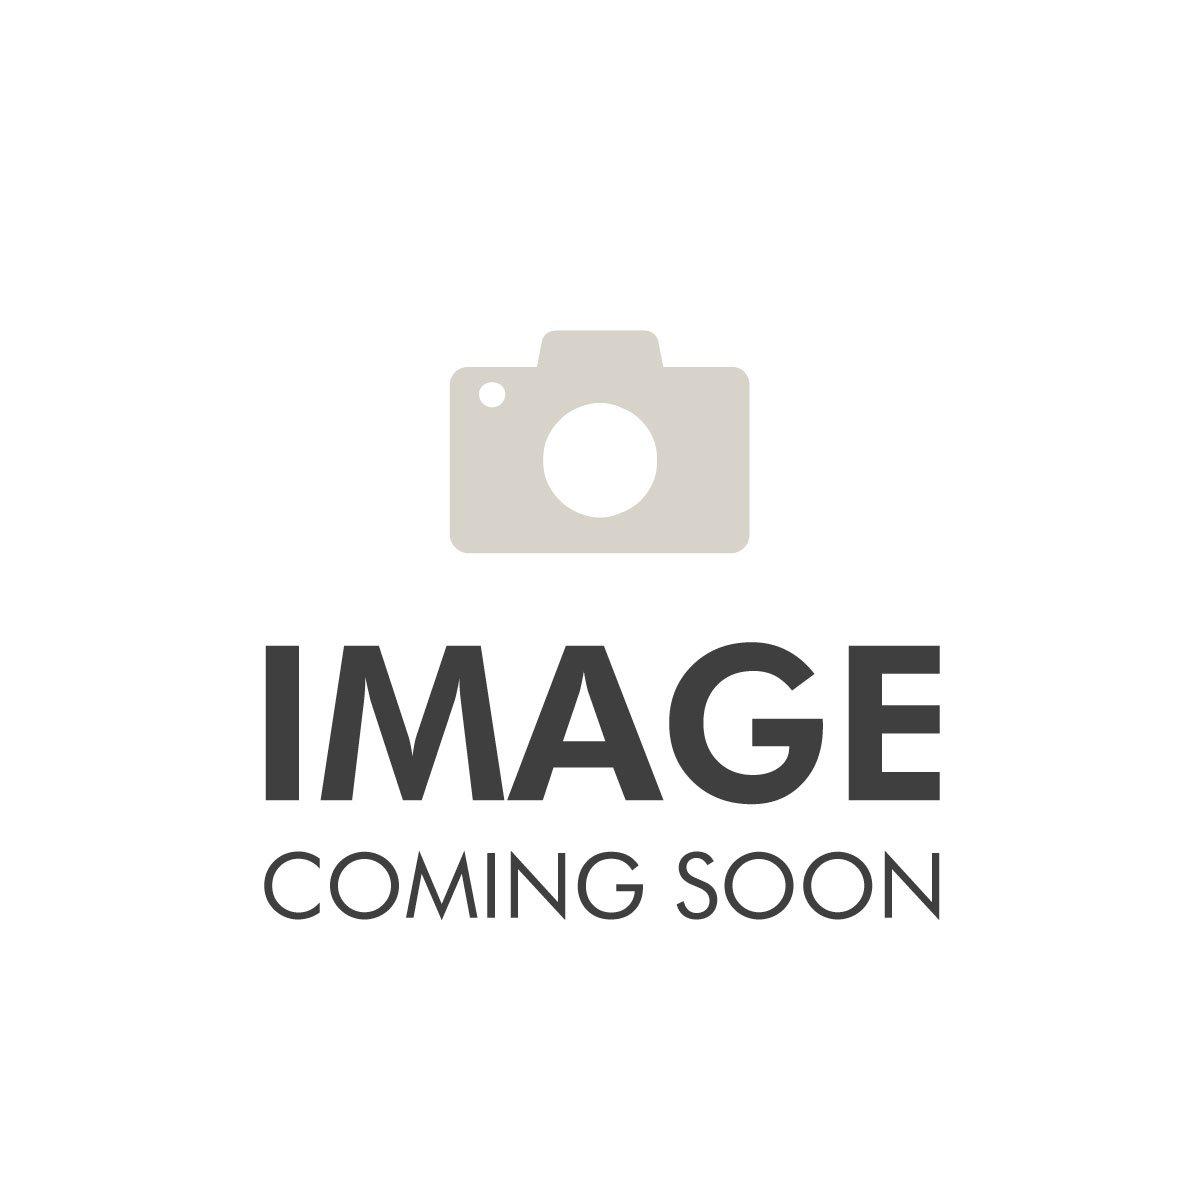 Allstar - Socle 4mm pour intérieur de garde